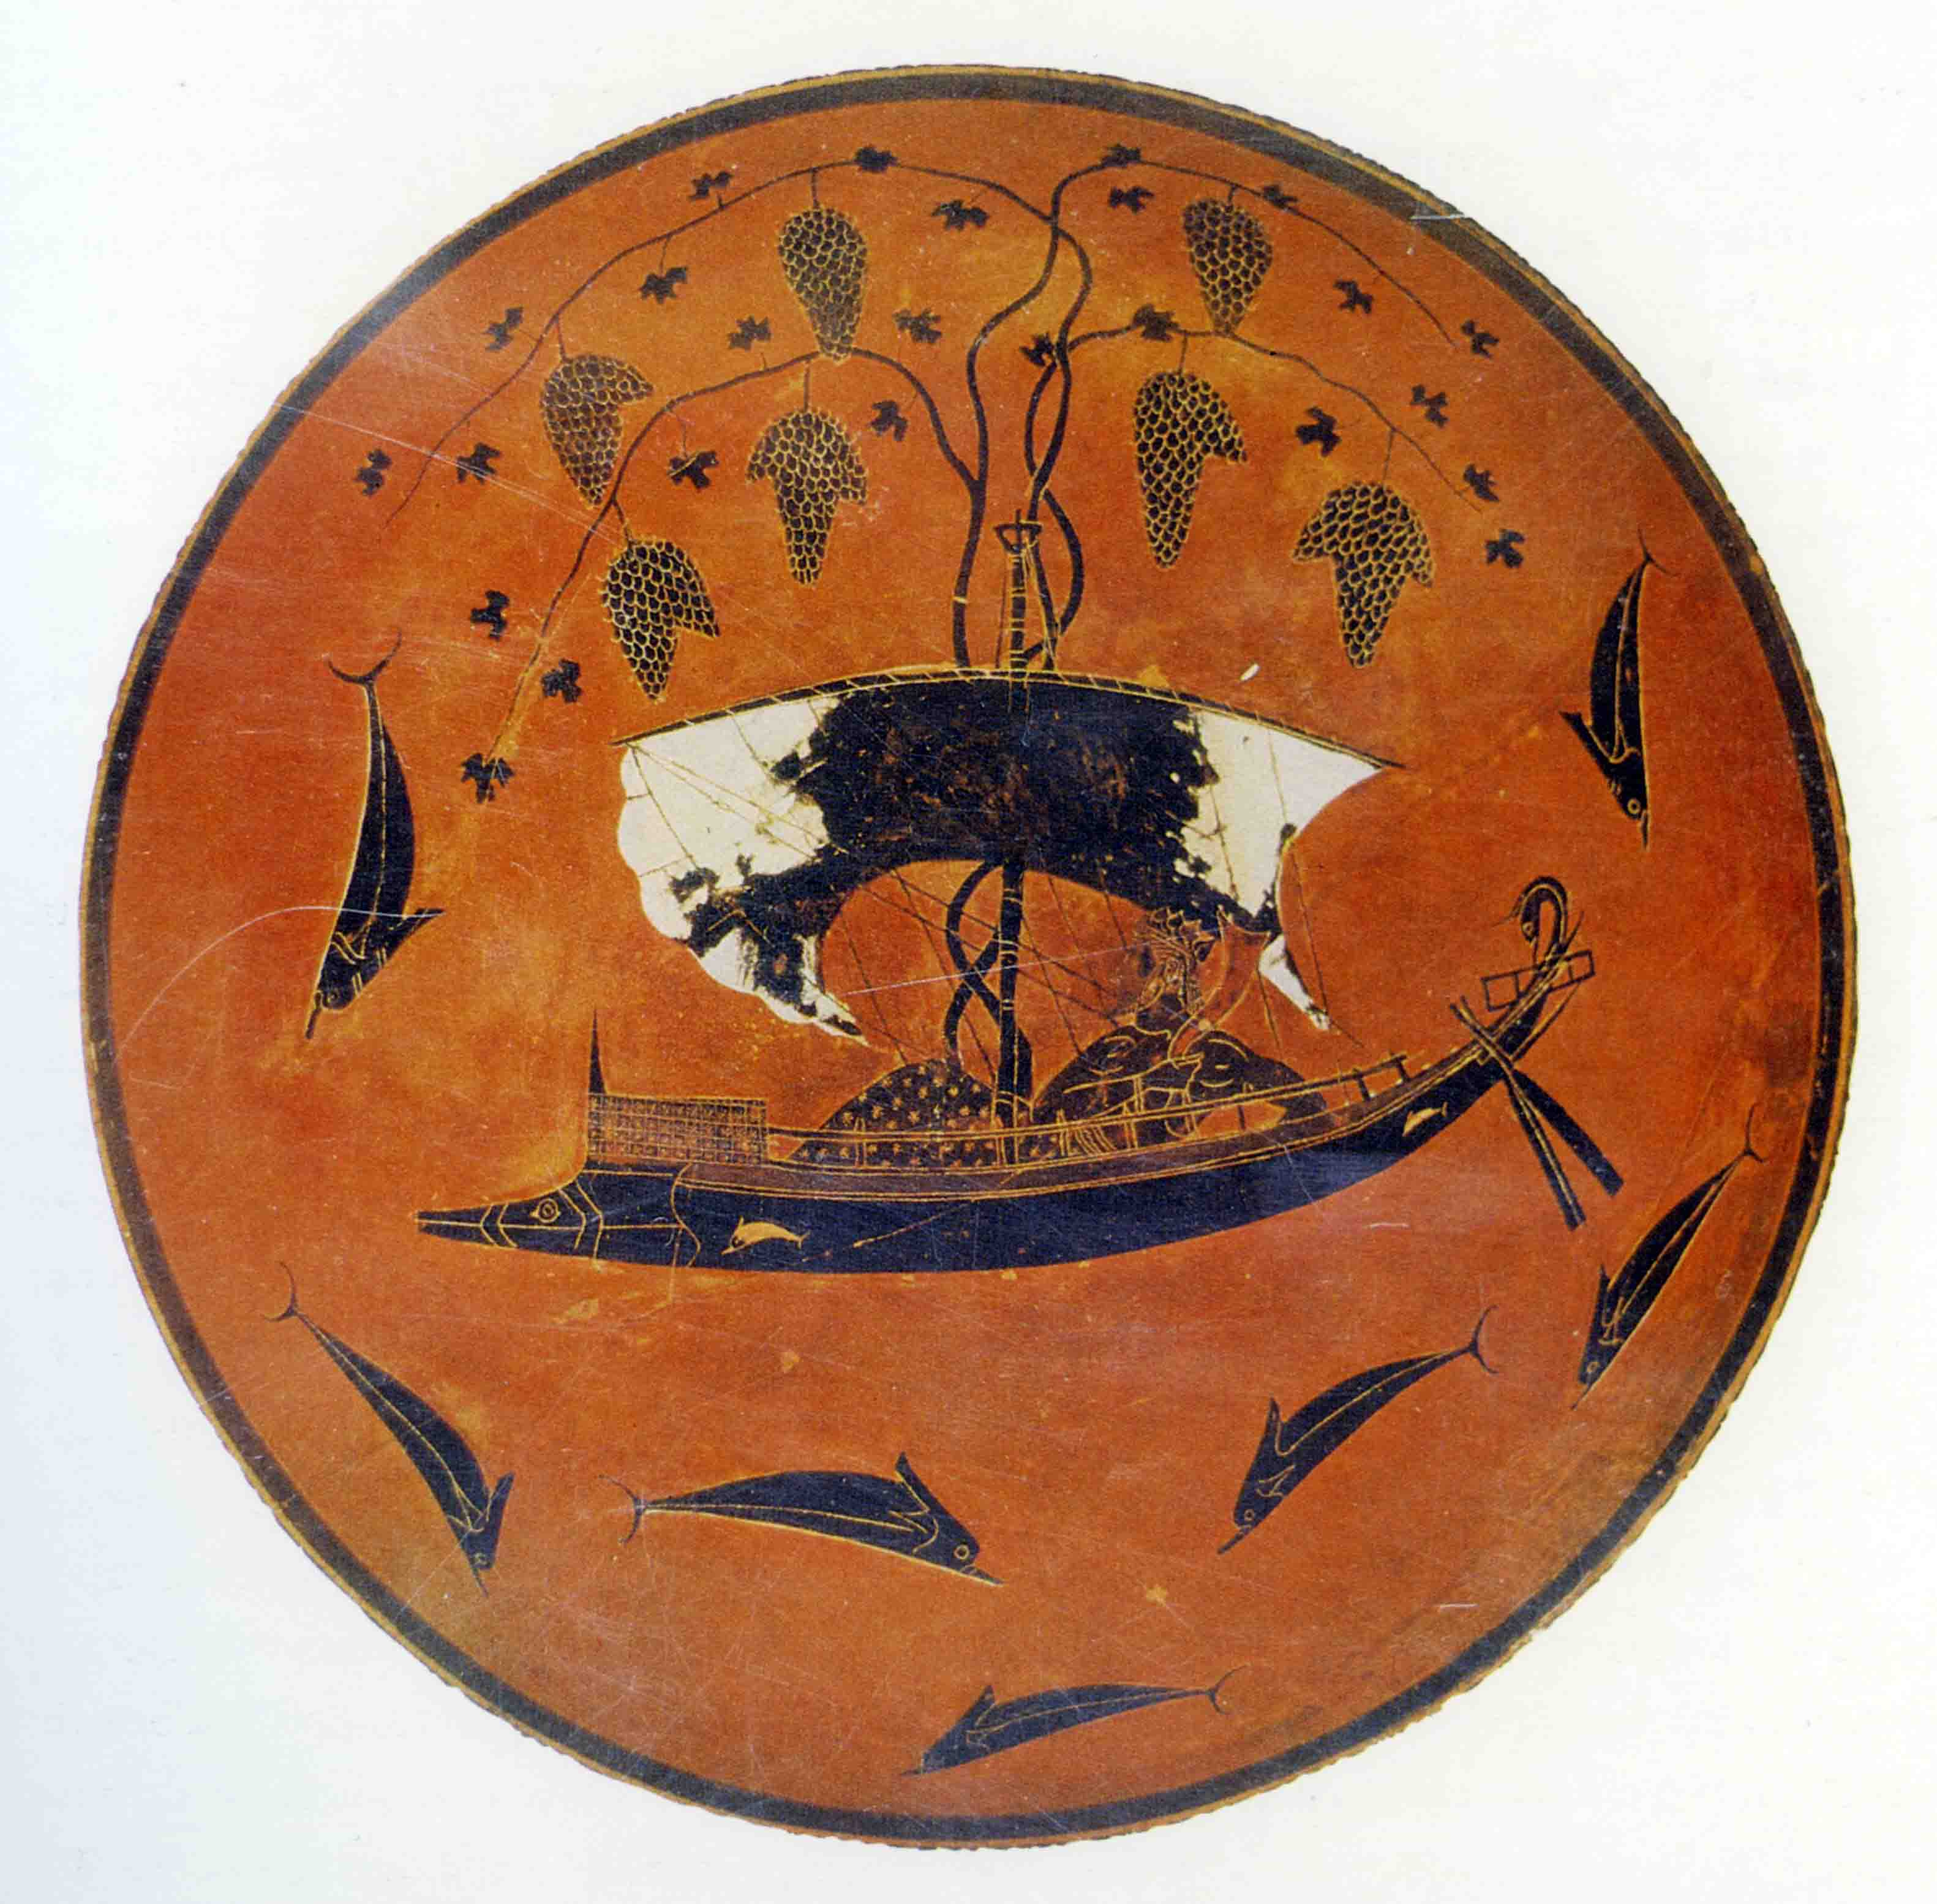 02. Dioniso attraversa il mare. Dipinto a figure nere su kylix da Vulci, 540 a.C. circa. La leggenda vuole che il dio, rapito dai pirati, avrebbe fermato la nave con i tralci della vite e trasformato i remi in serpenti. I marinai terrorizzati si sarebbero lanciati in mare, mutandosi in delfini. (Monaco, Staatliche Antikensammlungen).